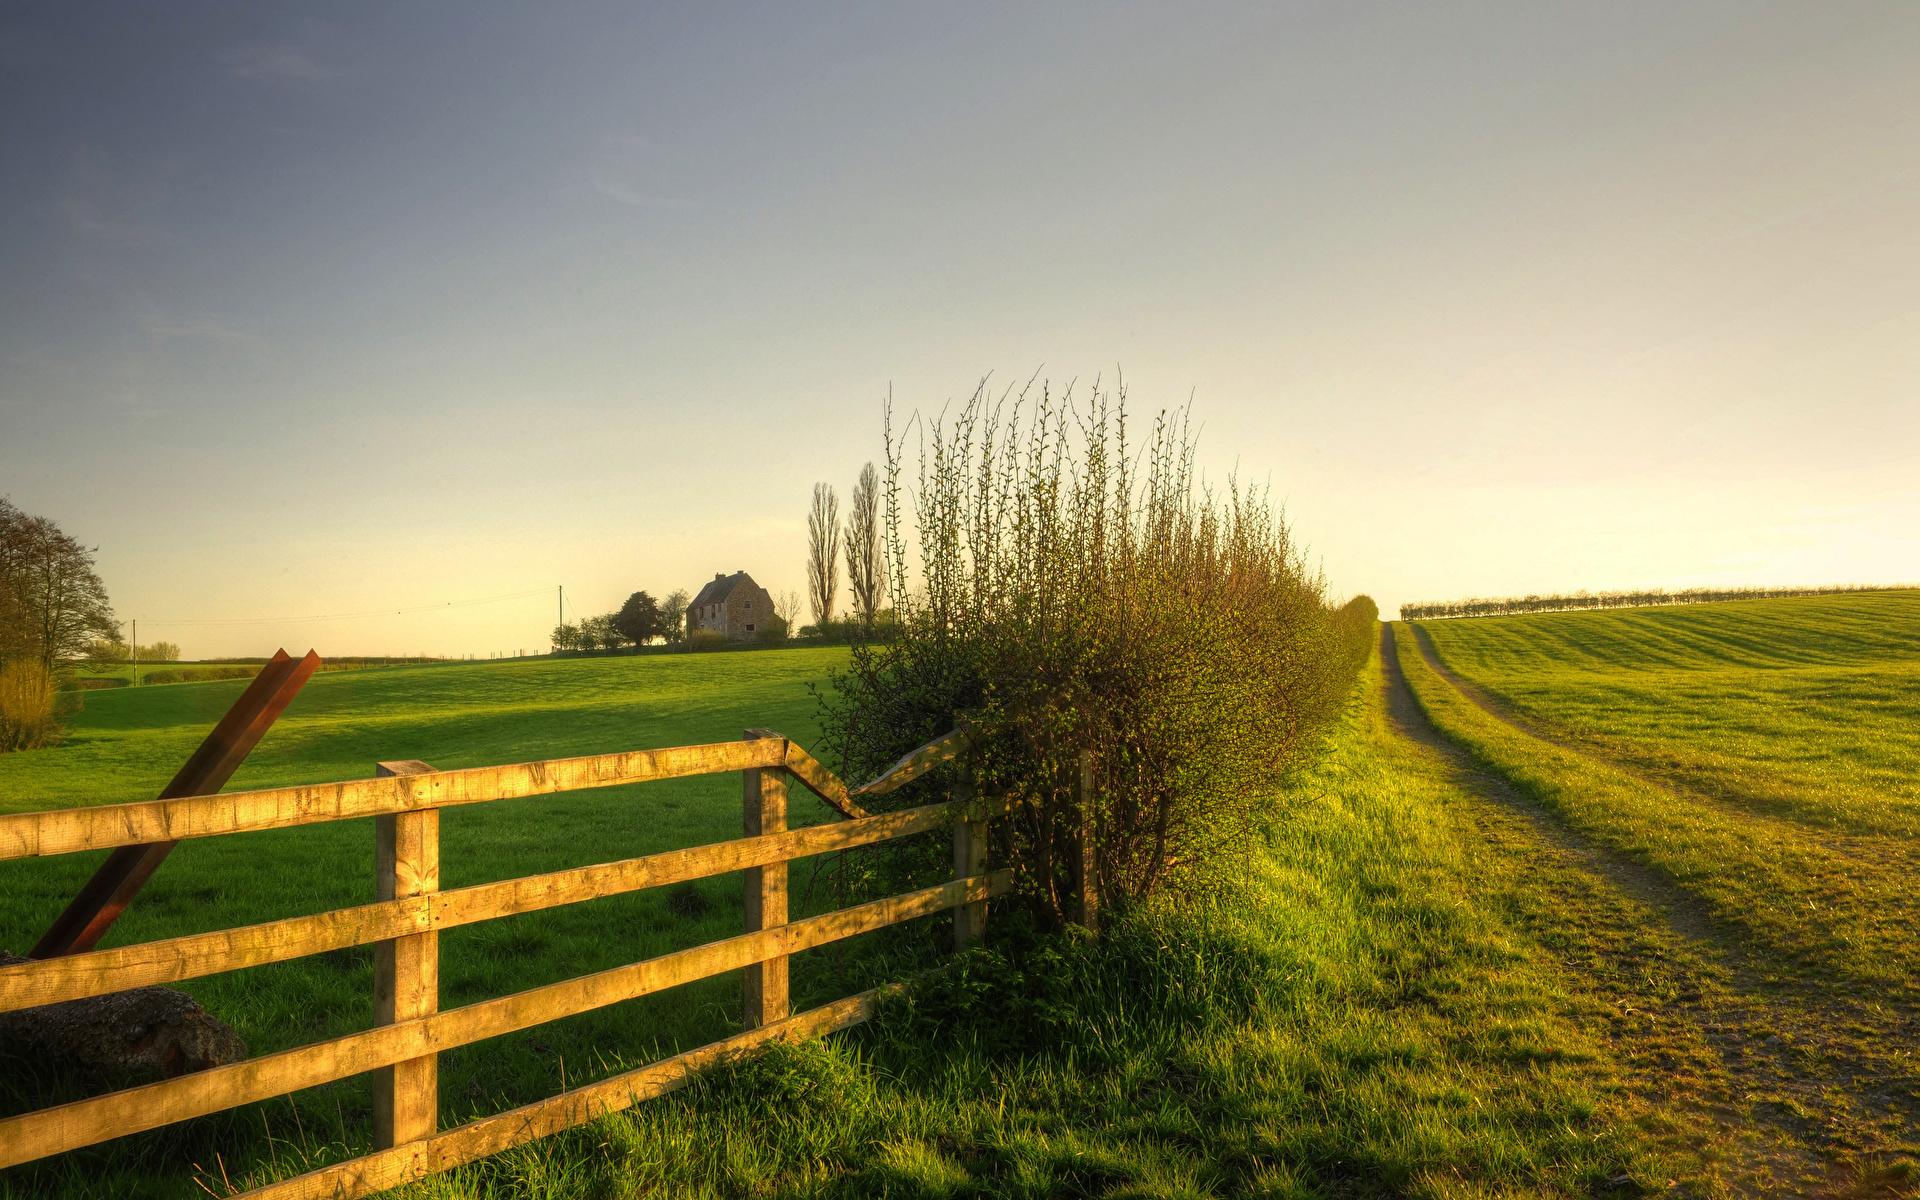 дорога забор кусты road the fence bushes скачать